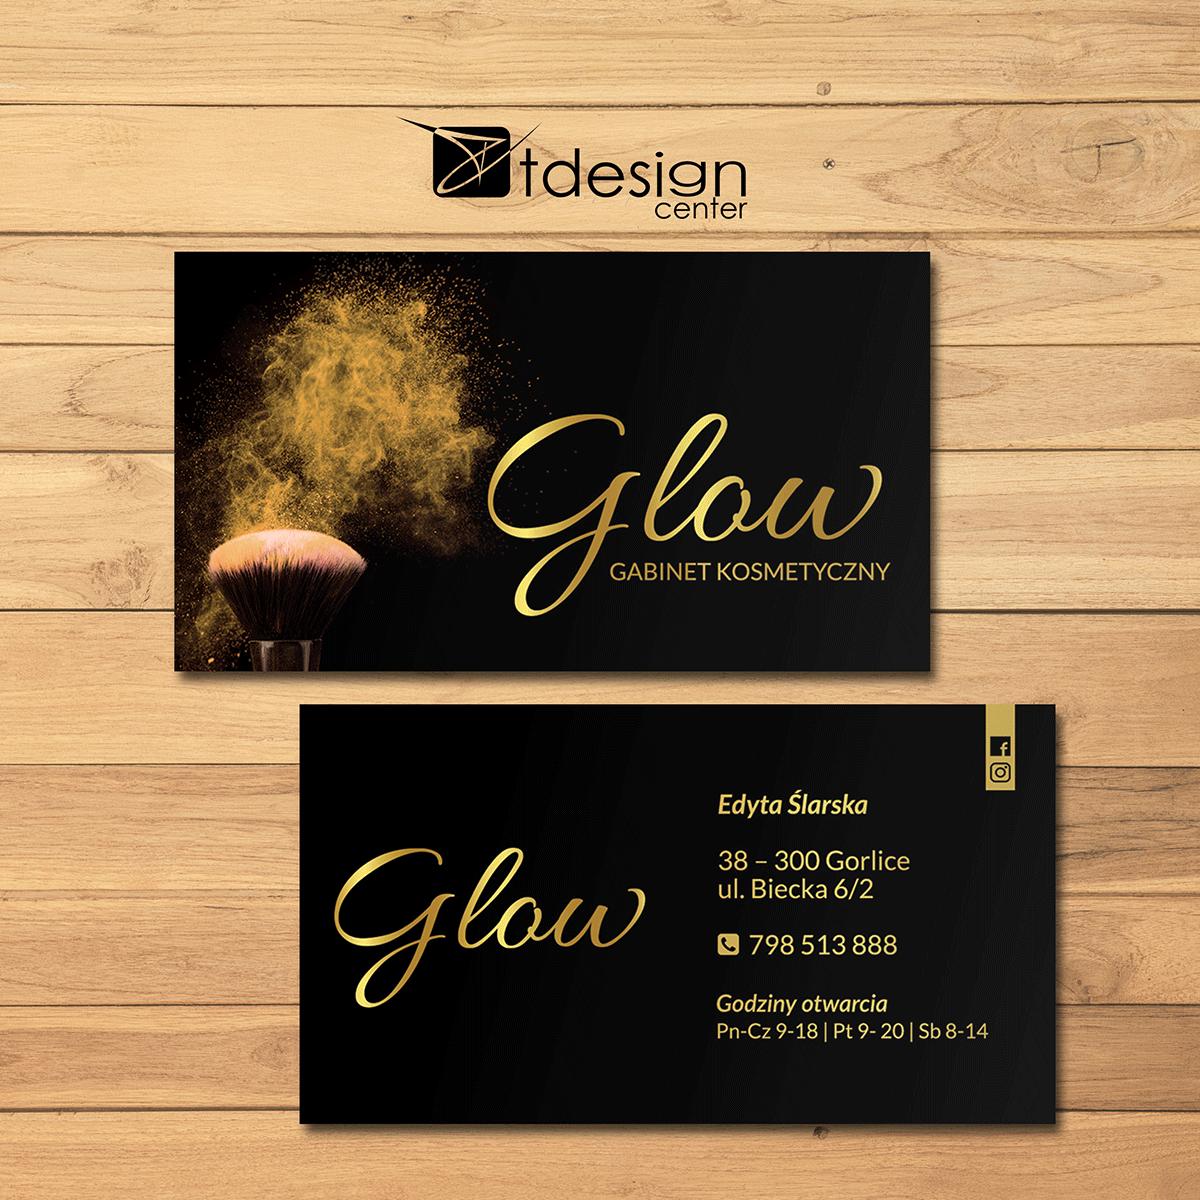 Wizytówka 90x50mm, projekt + druk, realizacja dla gabinetu kosmetycznego Glow